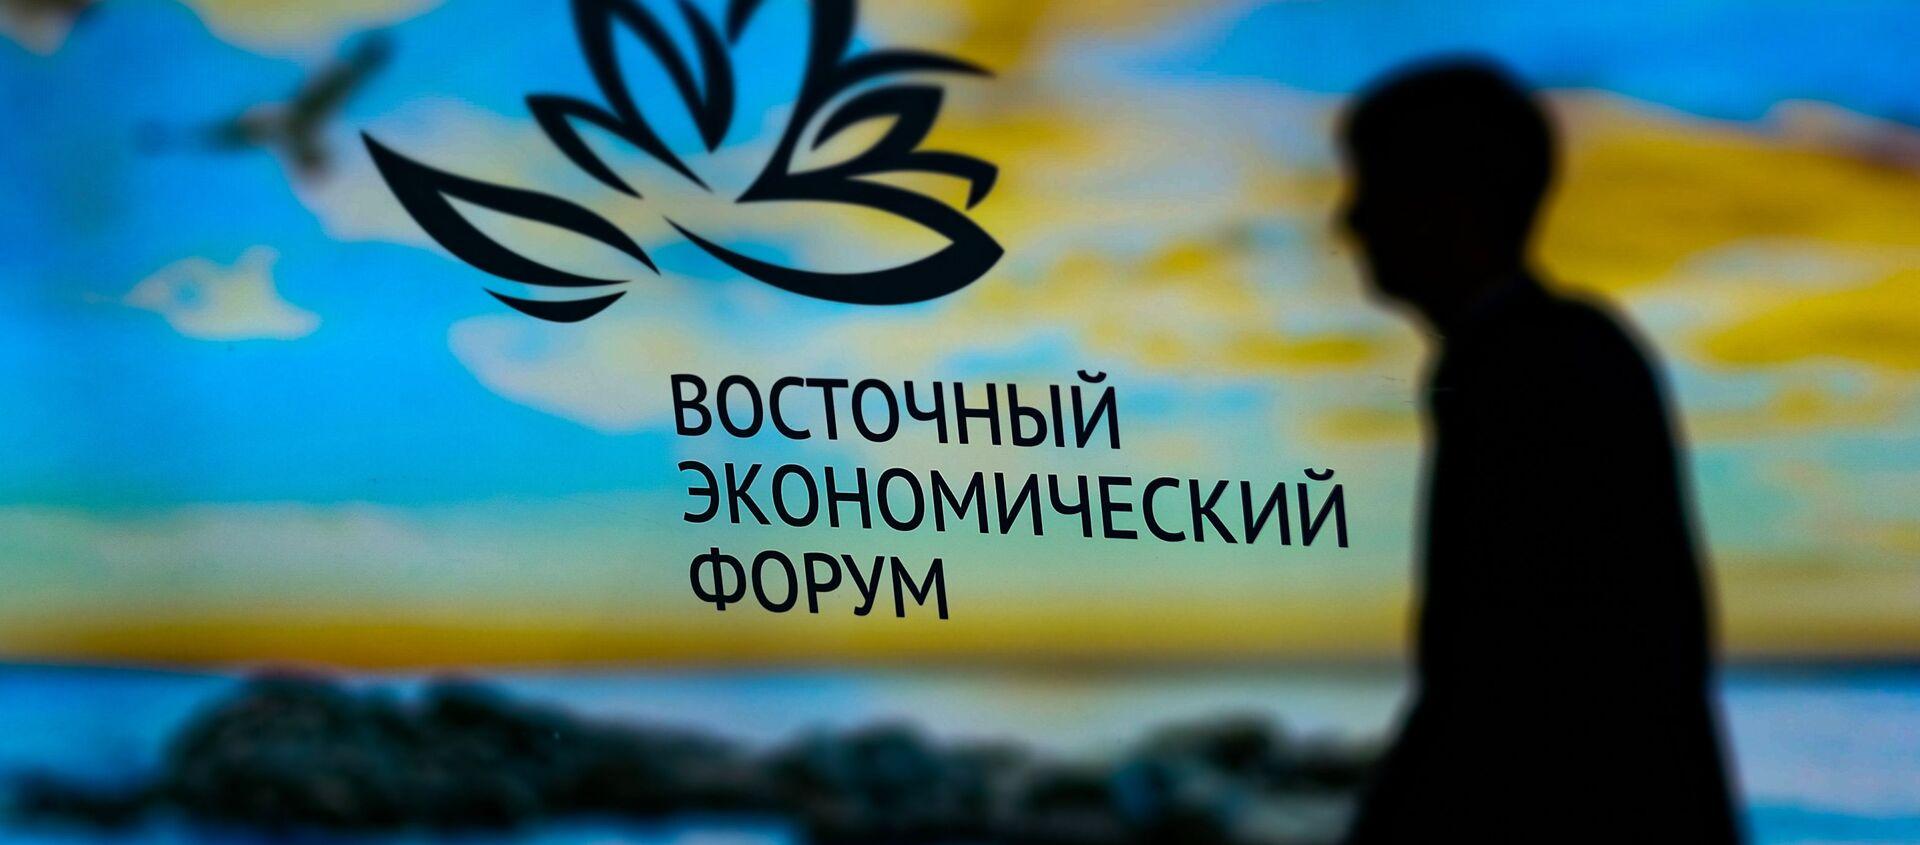 Эмблема IV Восточного экономического форума, проходящего во Владивостоке - Sputnik Việt Nam, 1920, 13.09.2018